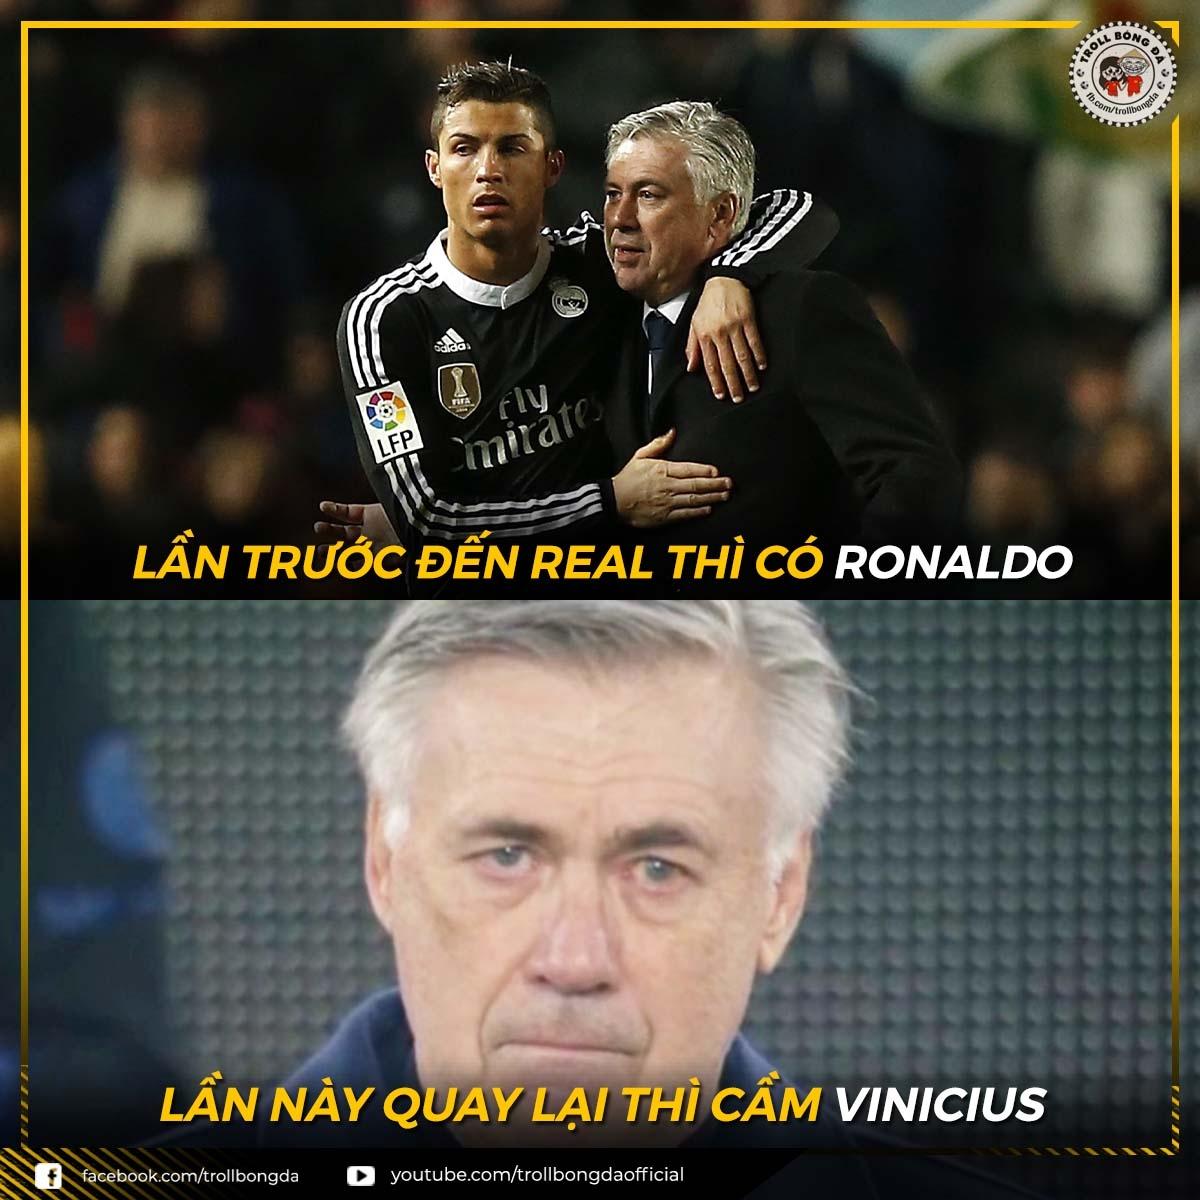 """Sự thật """"phũ phàng"""" mà HLV Ancelotti phải đón nhận khi trở lại Real Madrid. (Ảnh: Troll bóng đá)."""